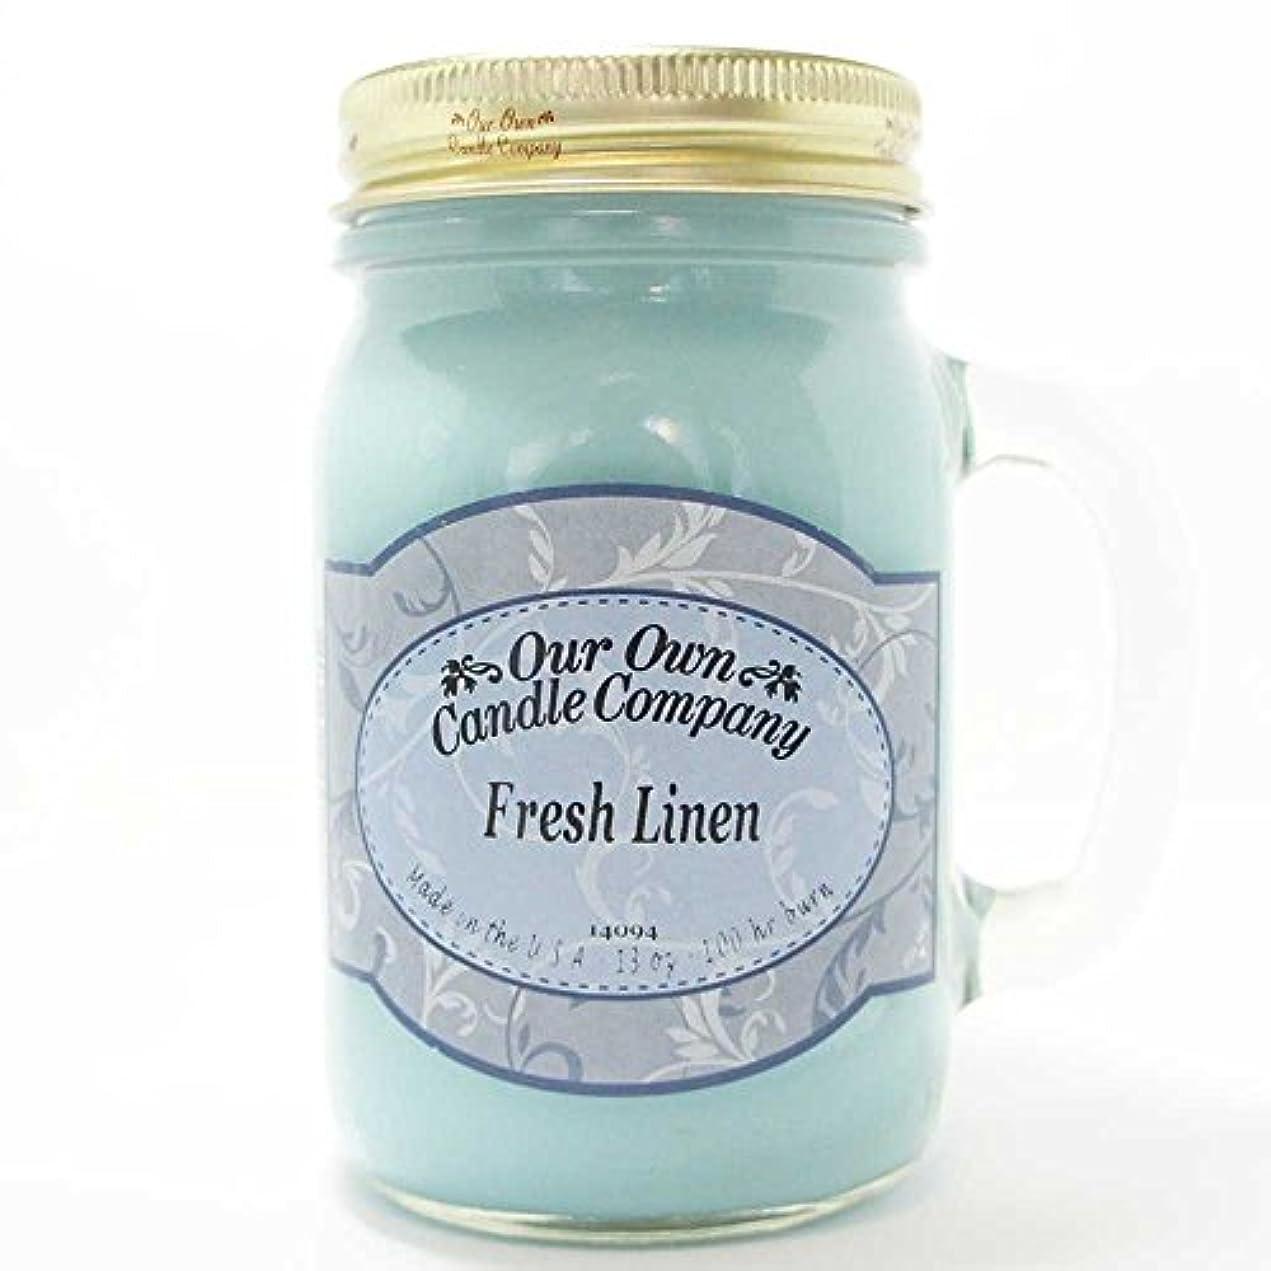 社会学蓋ジャベスウィルソンアロマキャンドル メイソンジャー フレッシュリネン ビッグ Our Own Candle Company Fresh Linen big